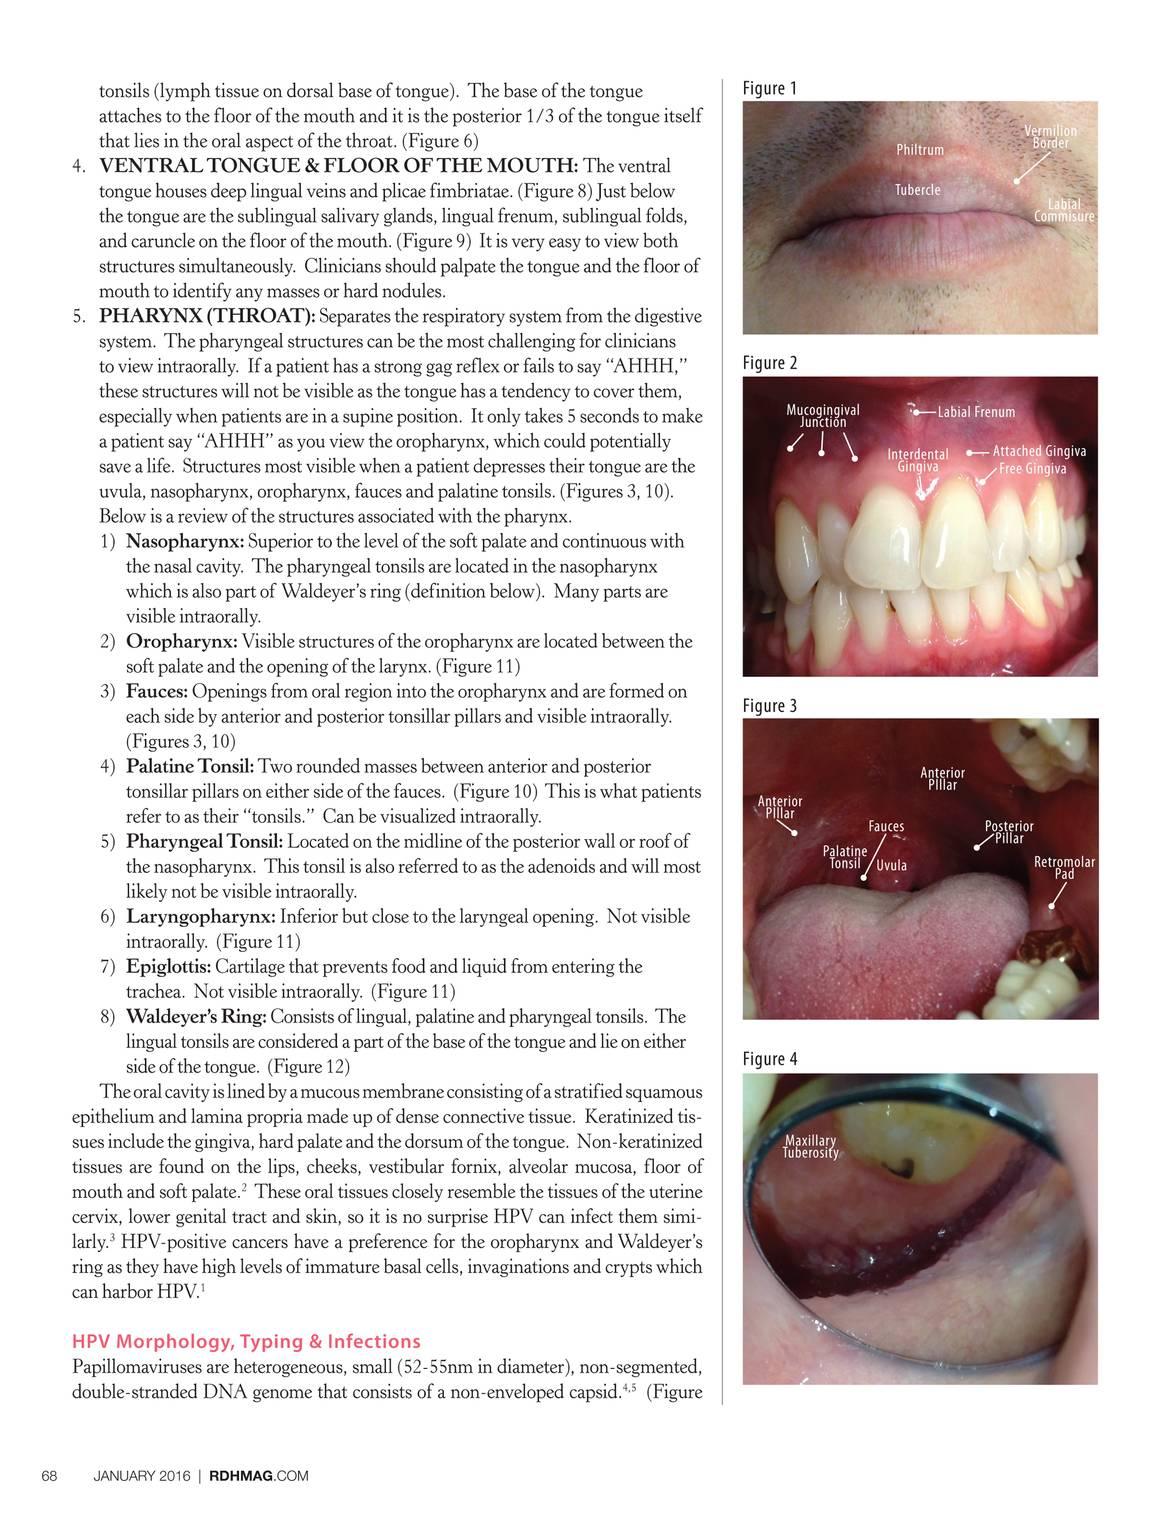 papillomavírus uvula papillomavírus és fájdalom a közösülés során